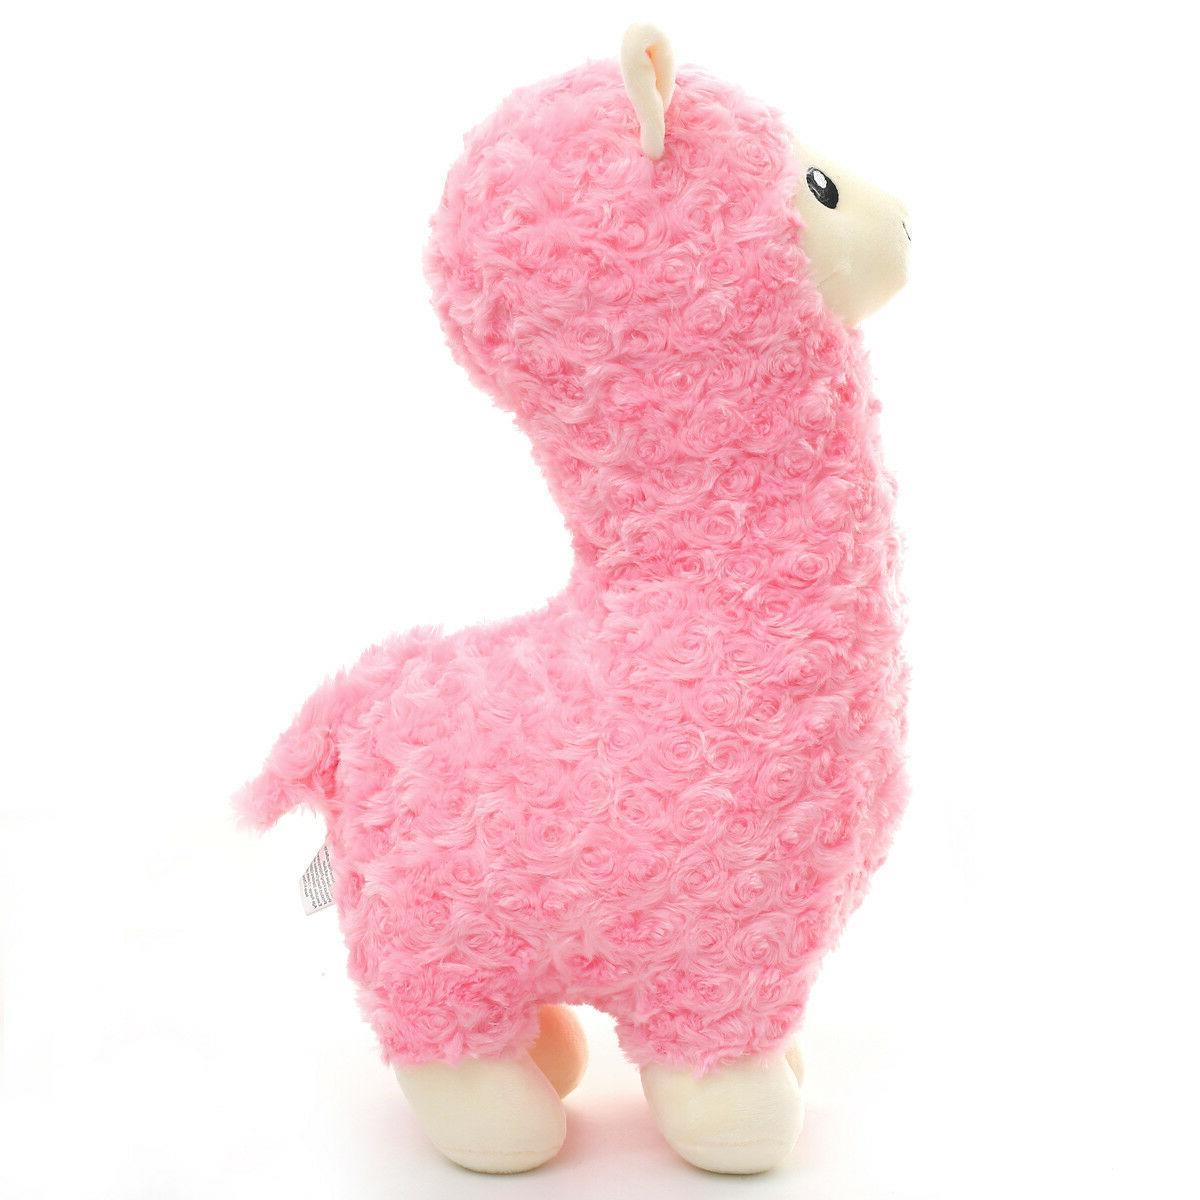 Llama Plush Toy Doll